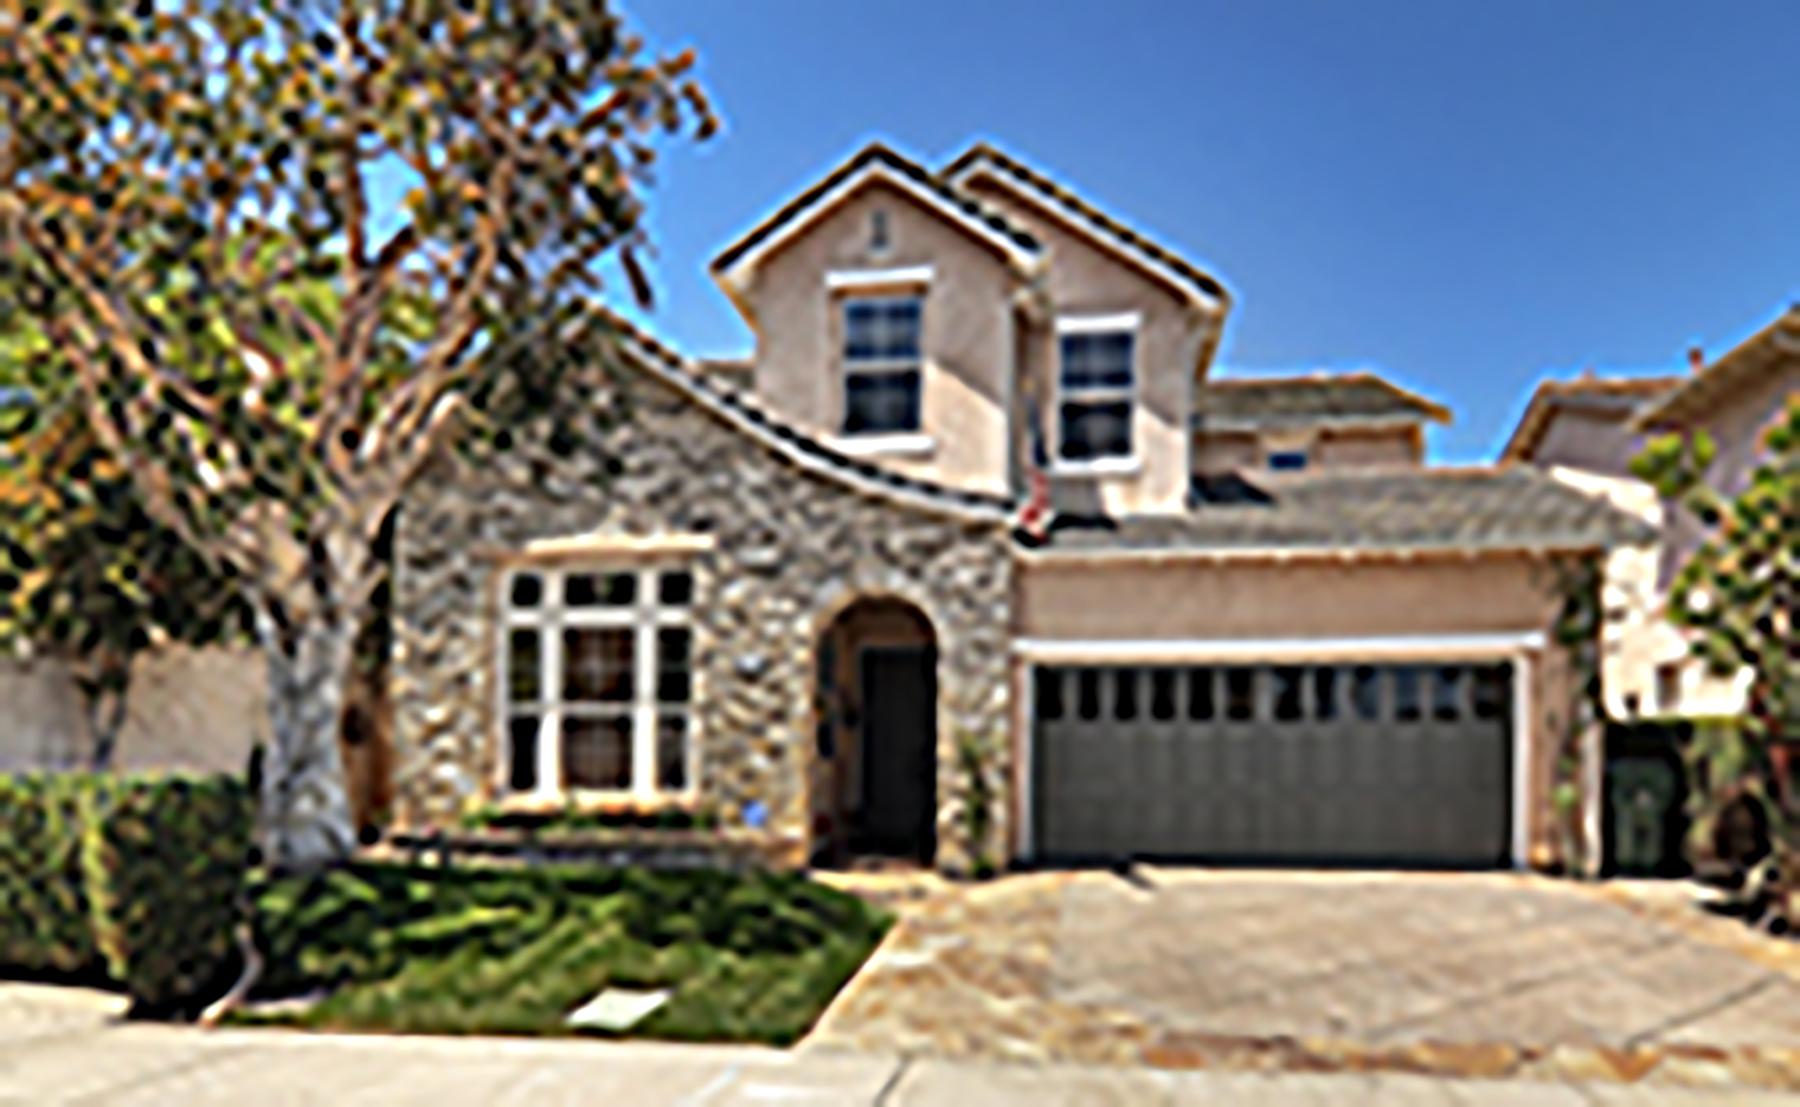 Частный односемейный дом для того Продажа на 6773 Brentwood Drive Huntington Beach, Калифорния, 92648 Соединенные Штаты